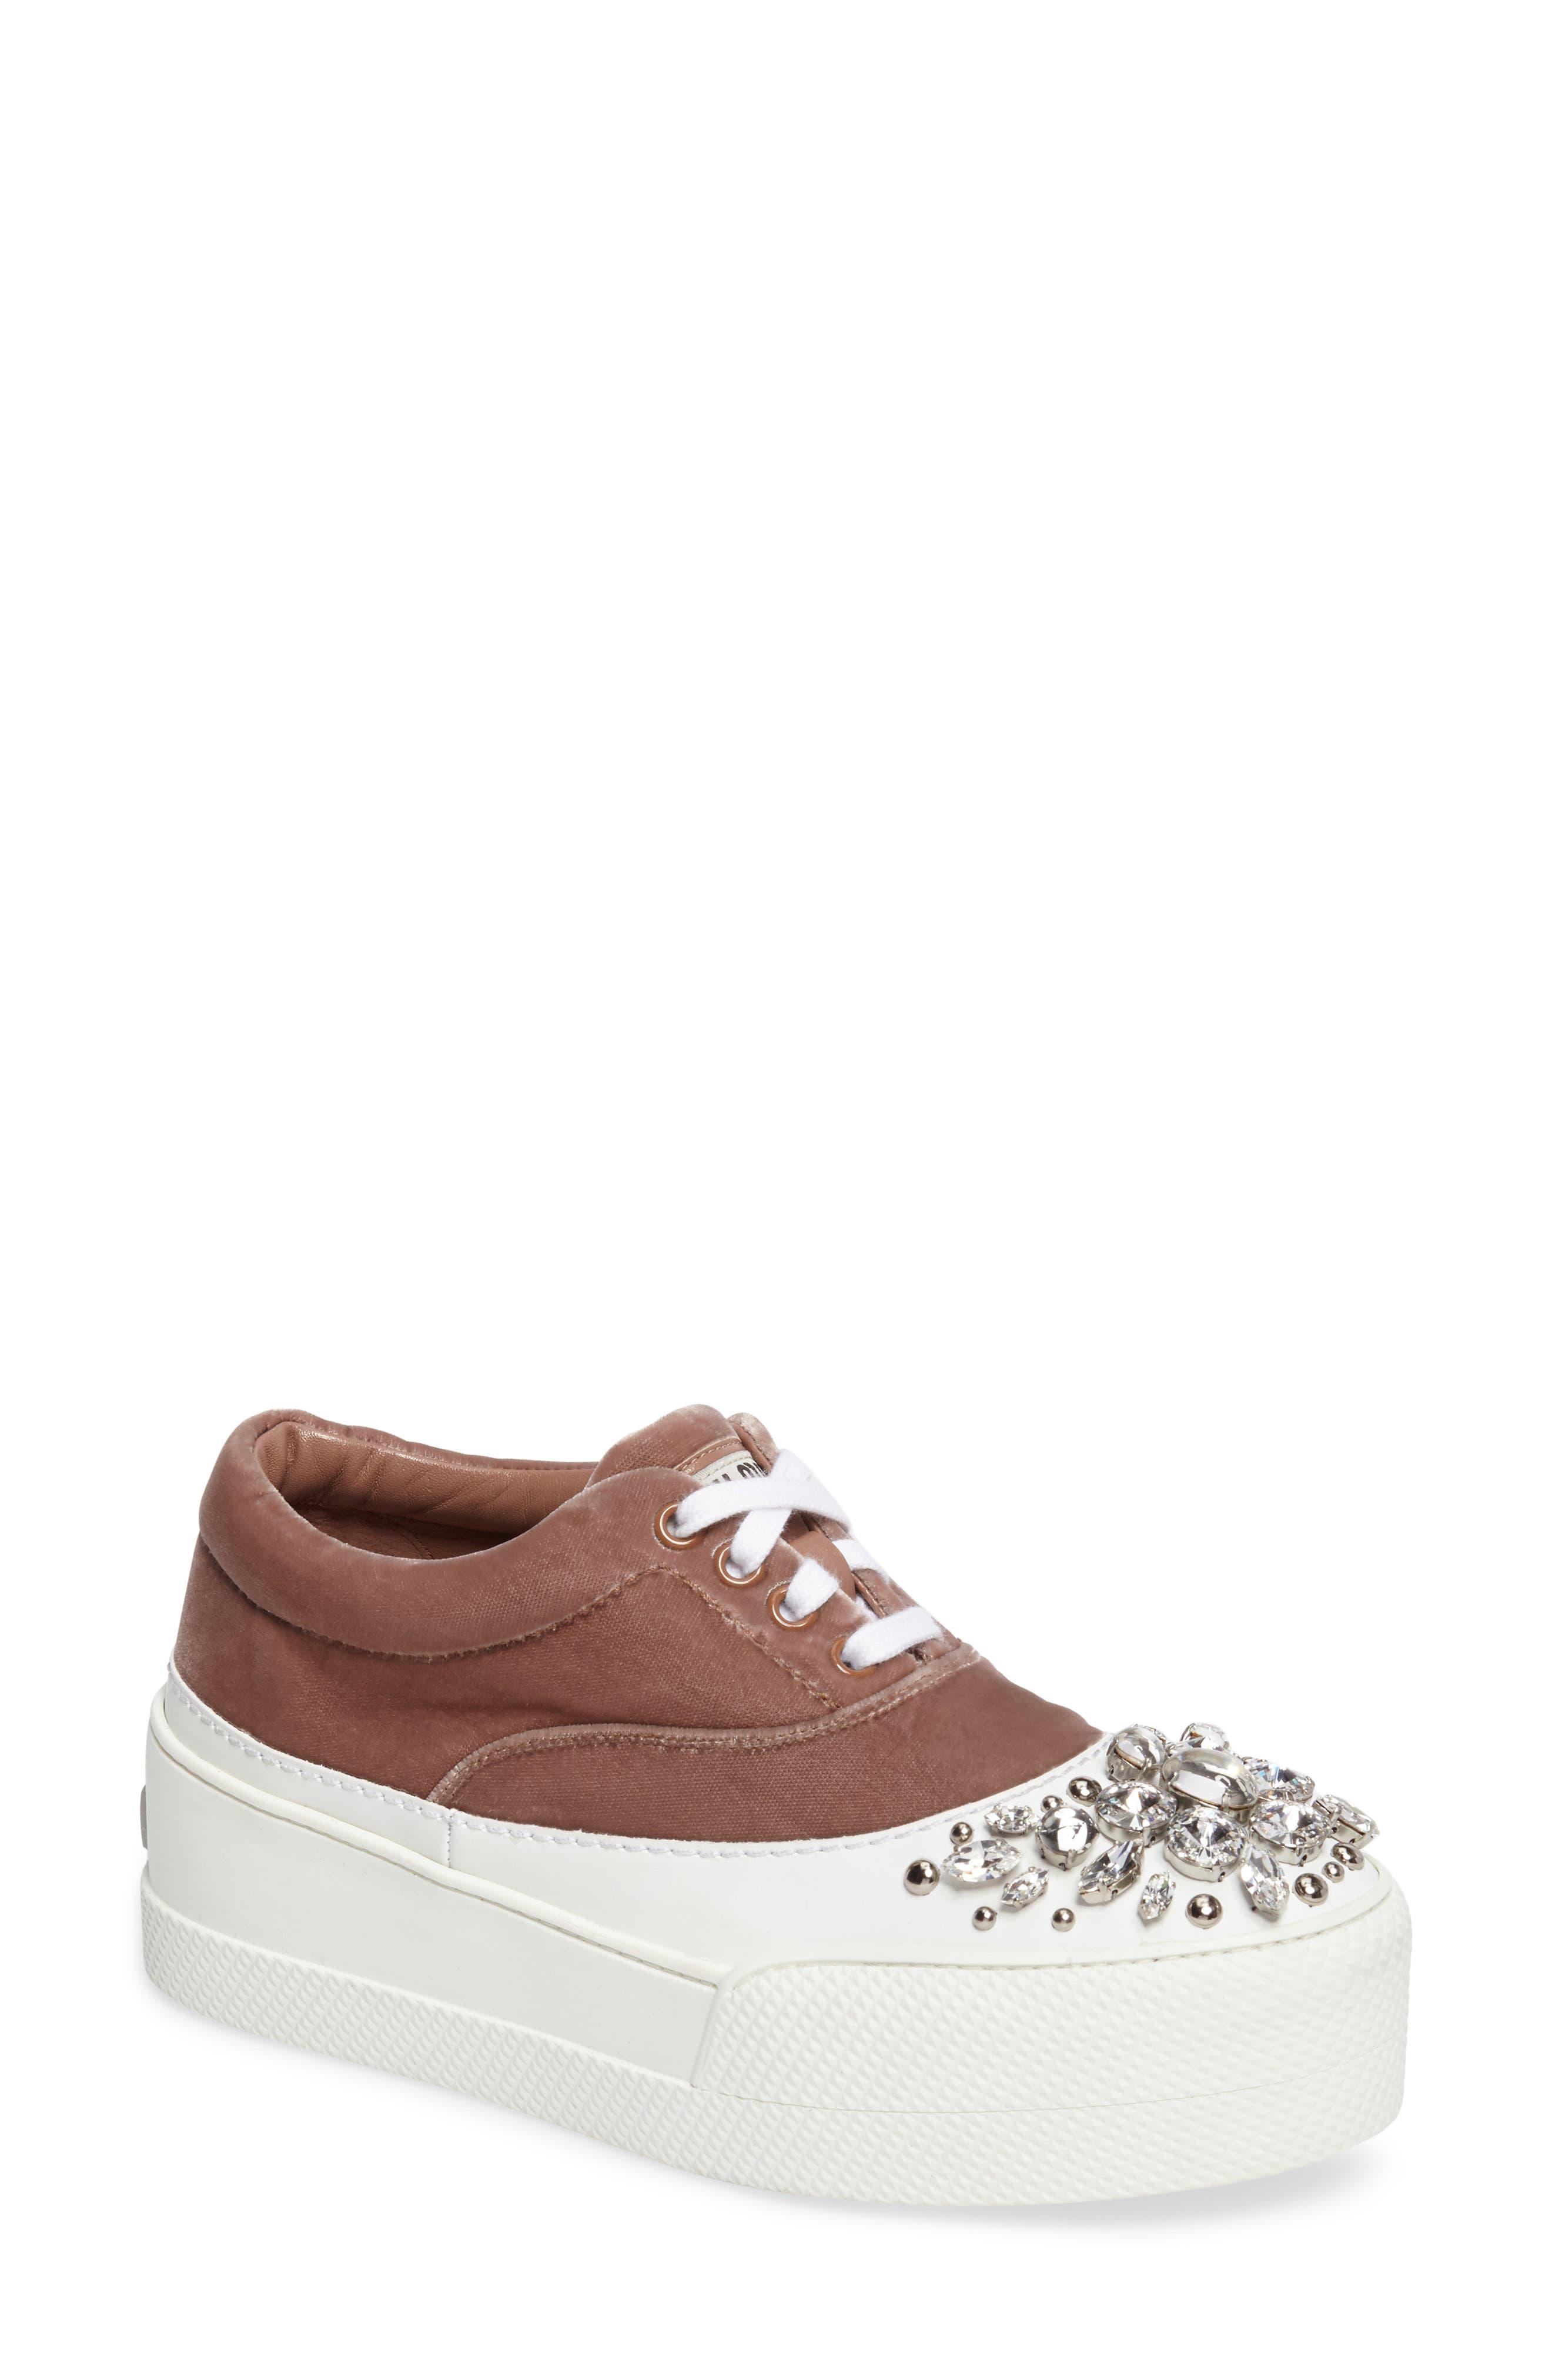 Main Image - Miu Miu Embellished Flatform Sneaker (Women)